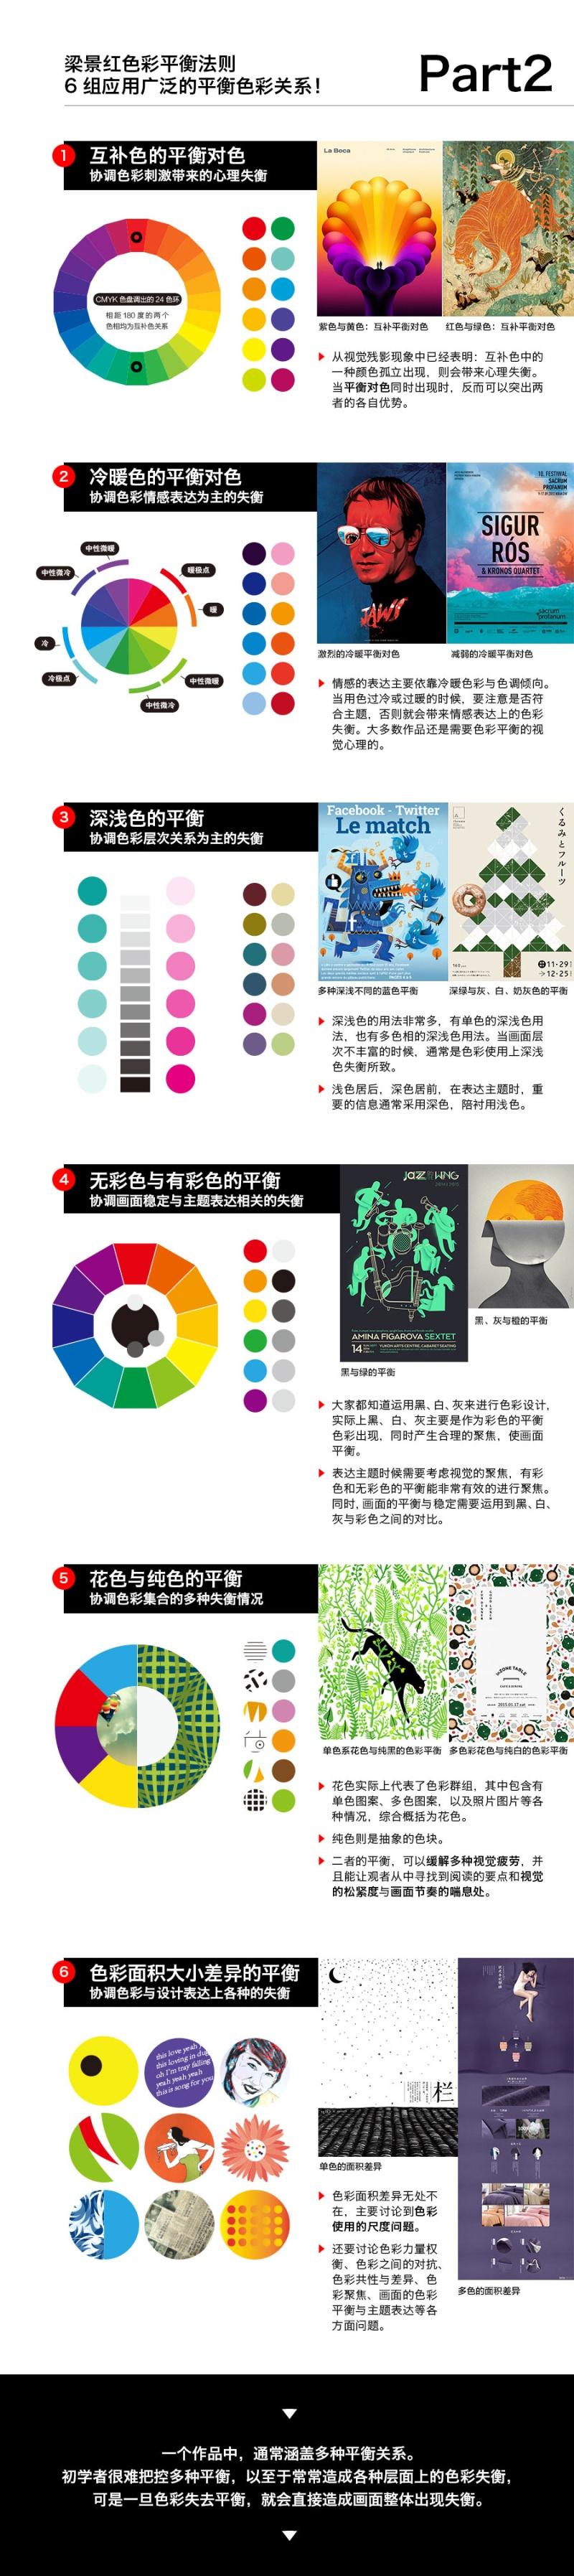 通过色彩,让设计平衡——在无序中找到规律